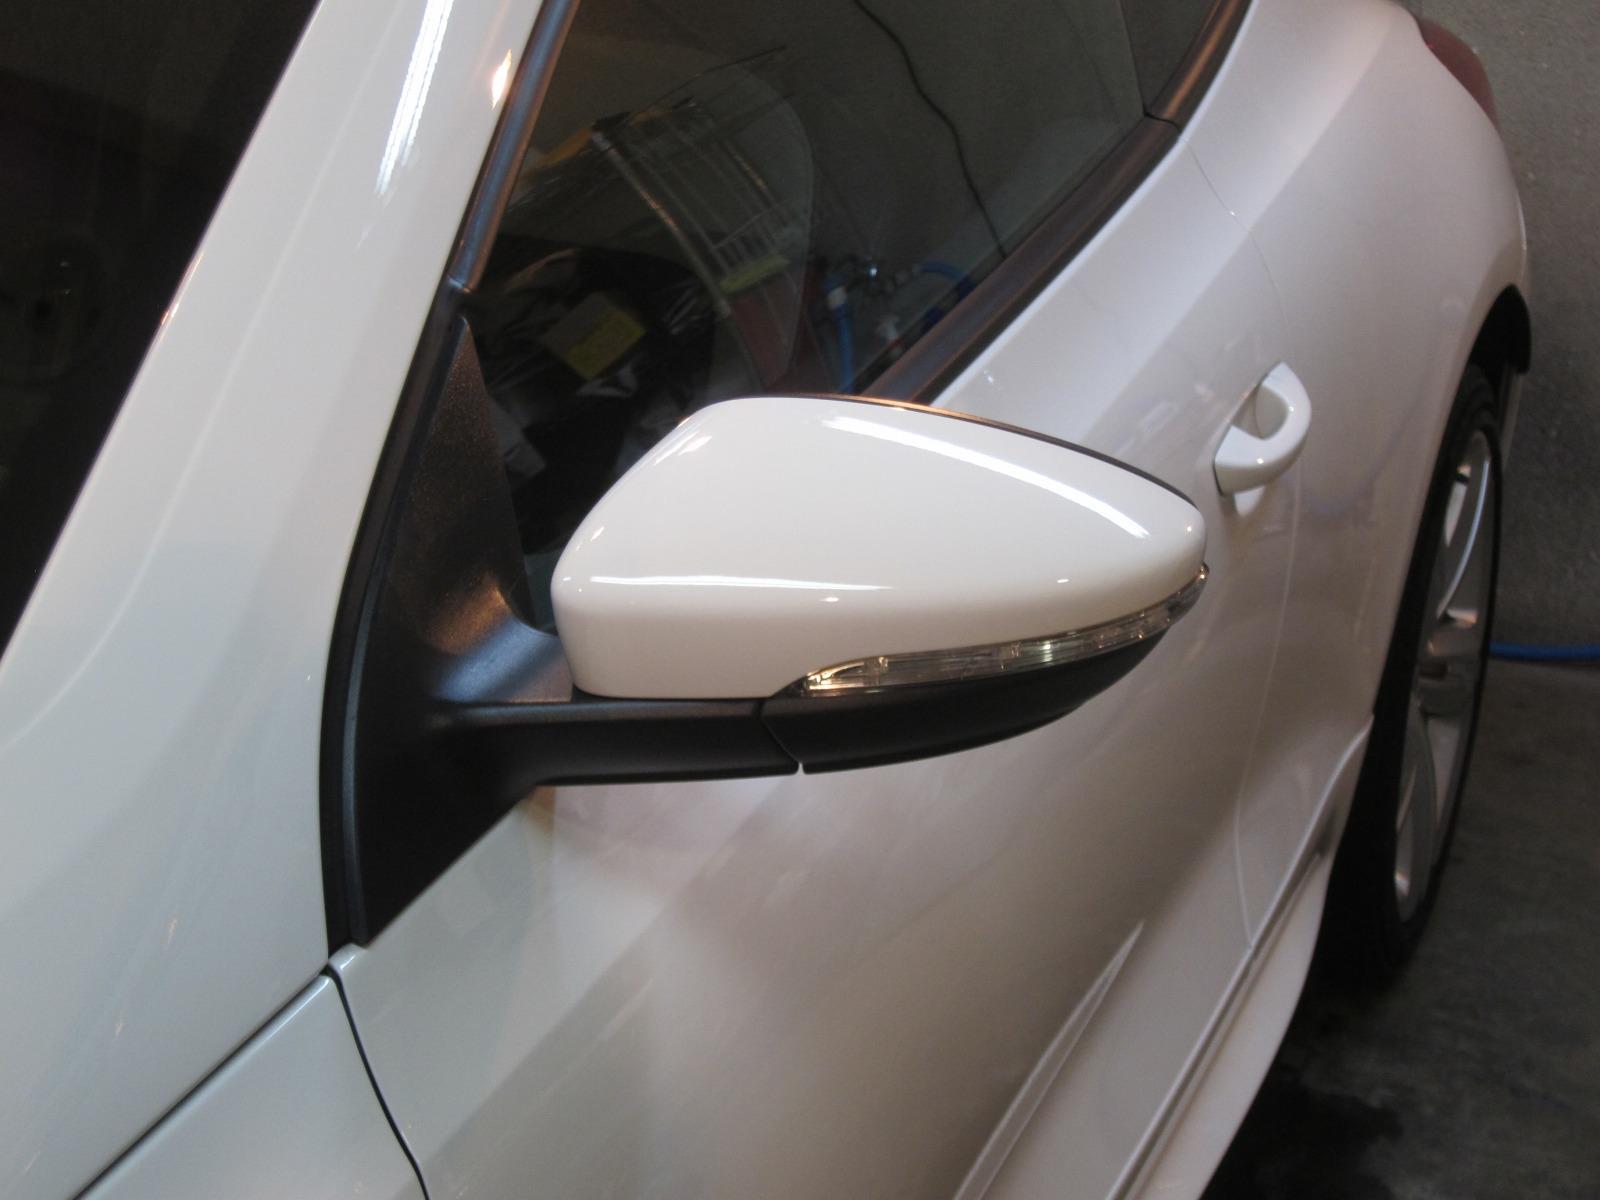 201311106-volkswagen-scirocco-20